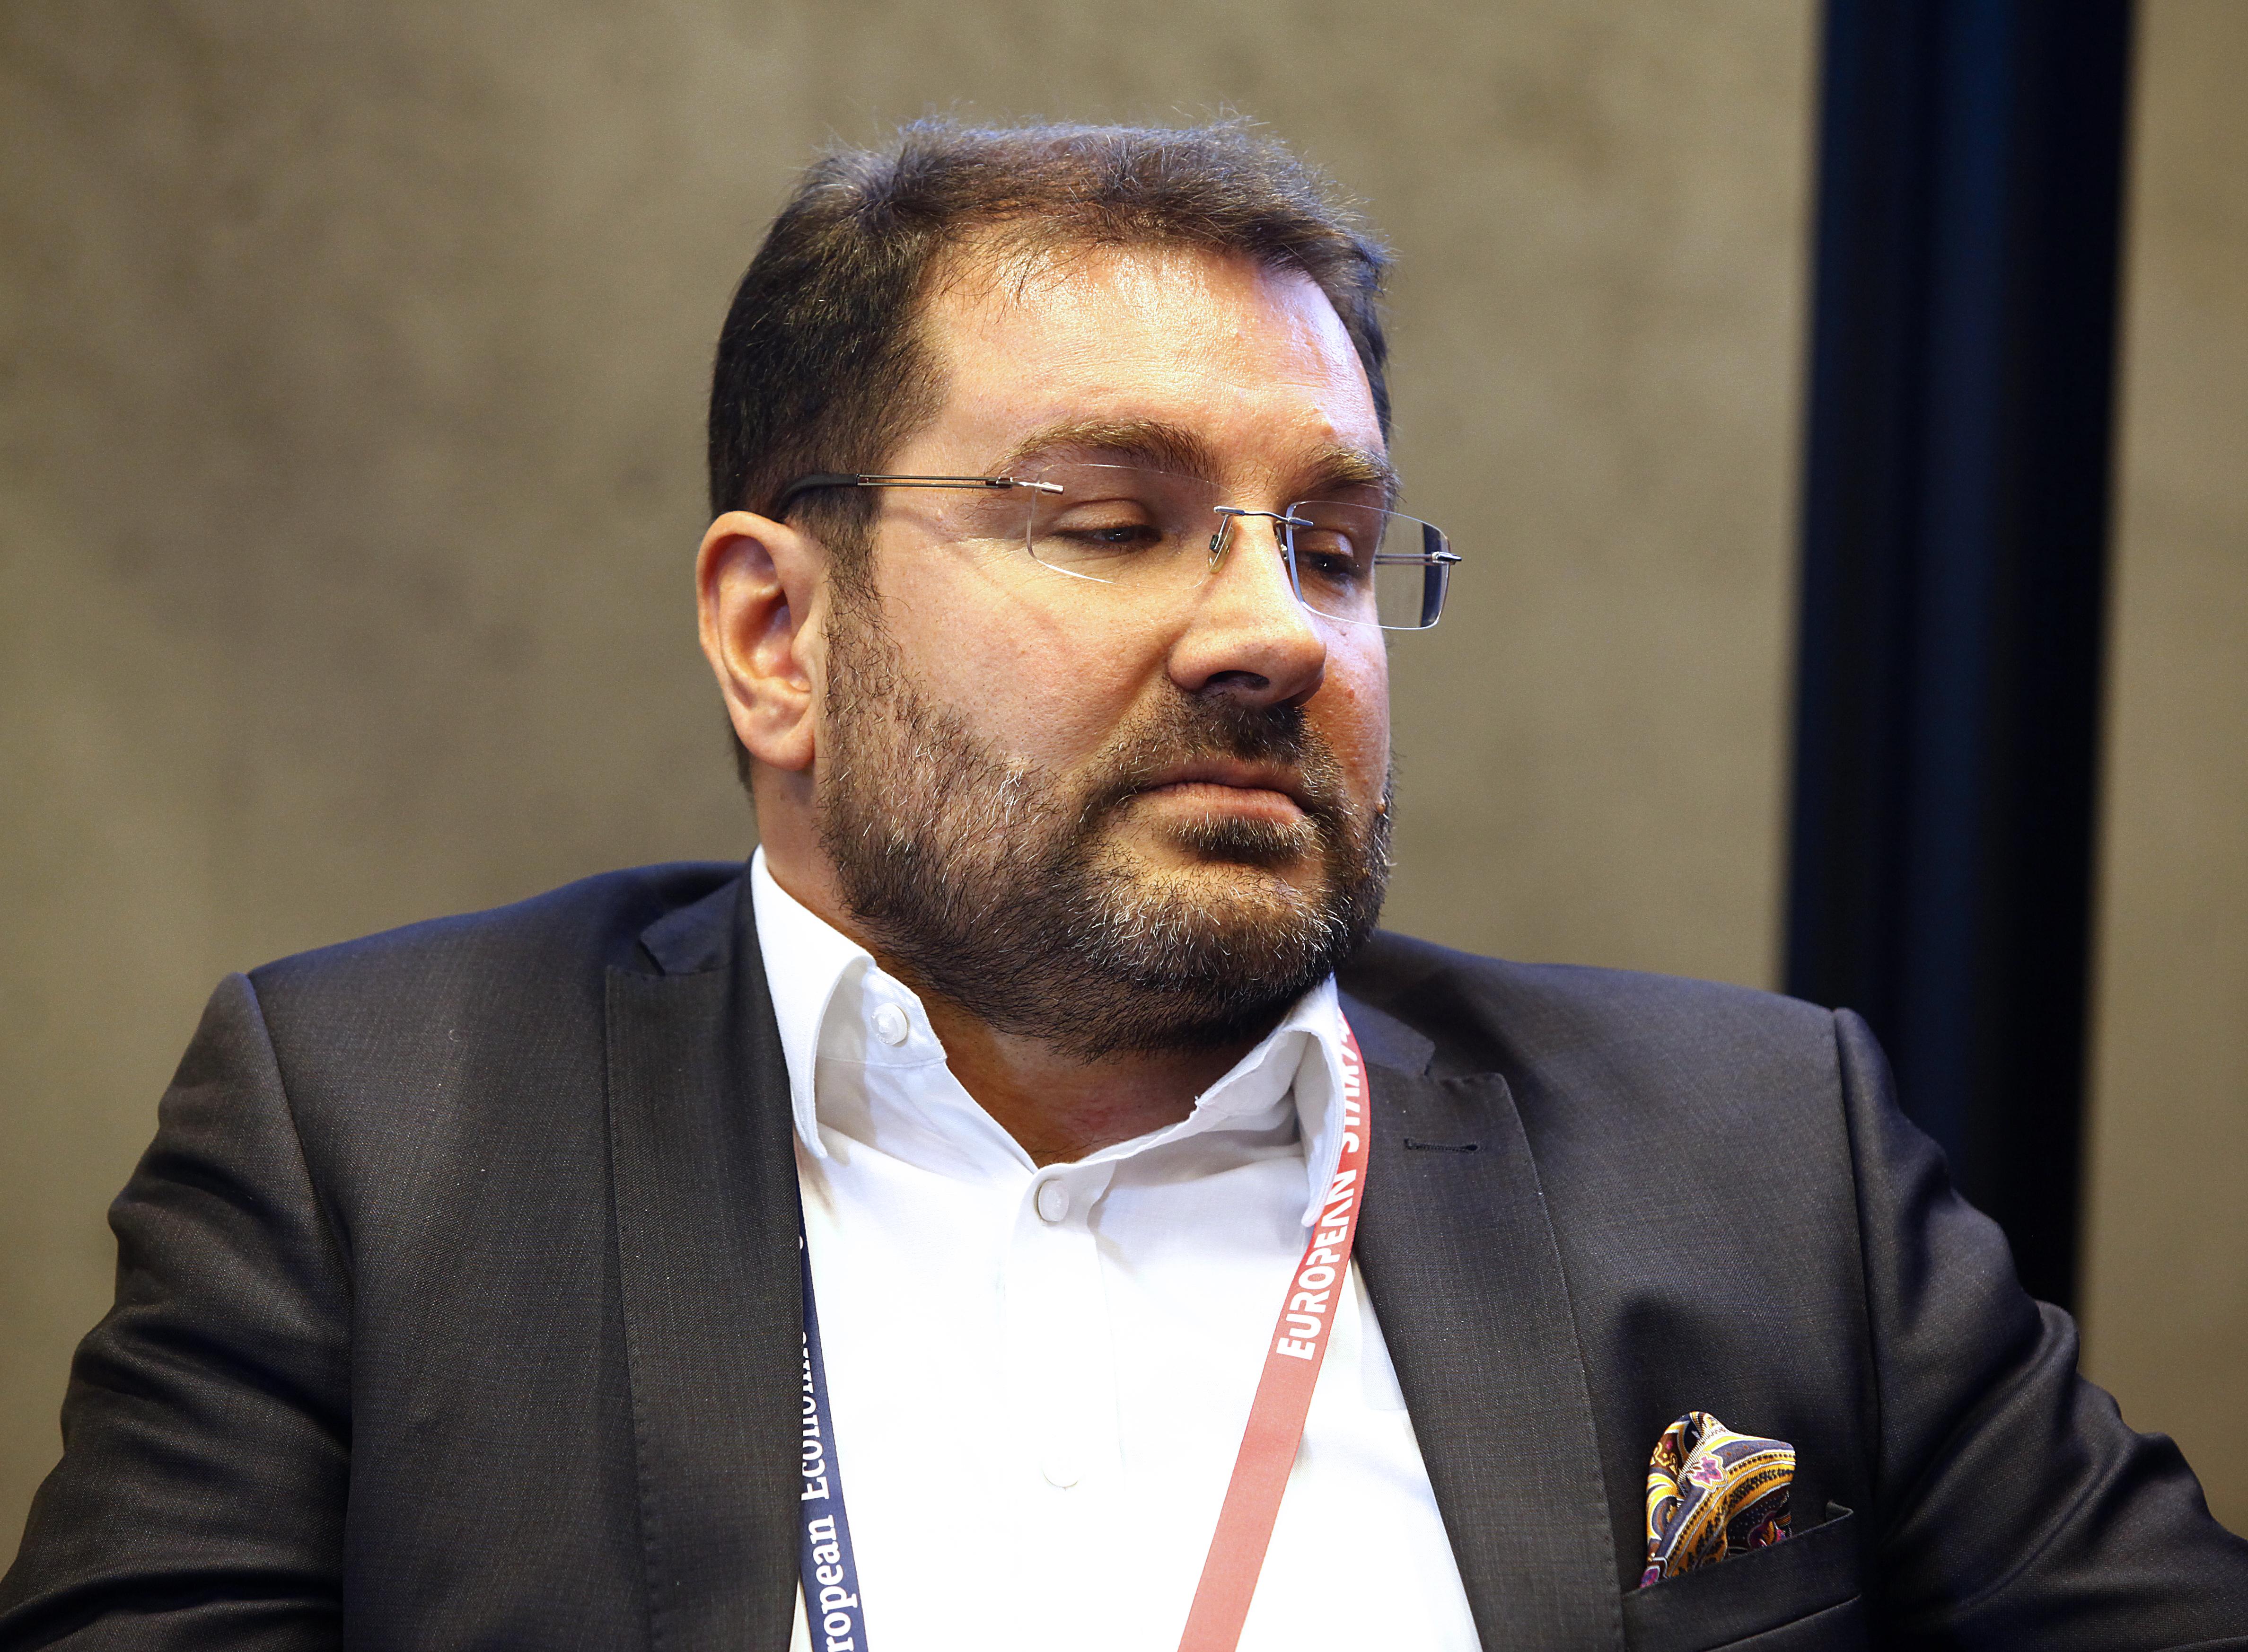 Dyrektor projektu Rynki Zagraniczne w grupie PTWP Olaf Osica (fot. PTWP)